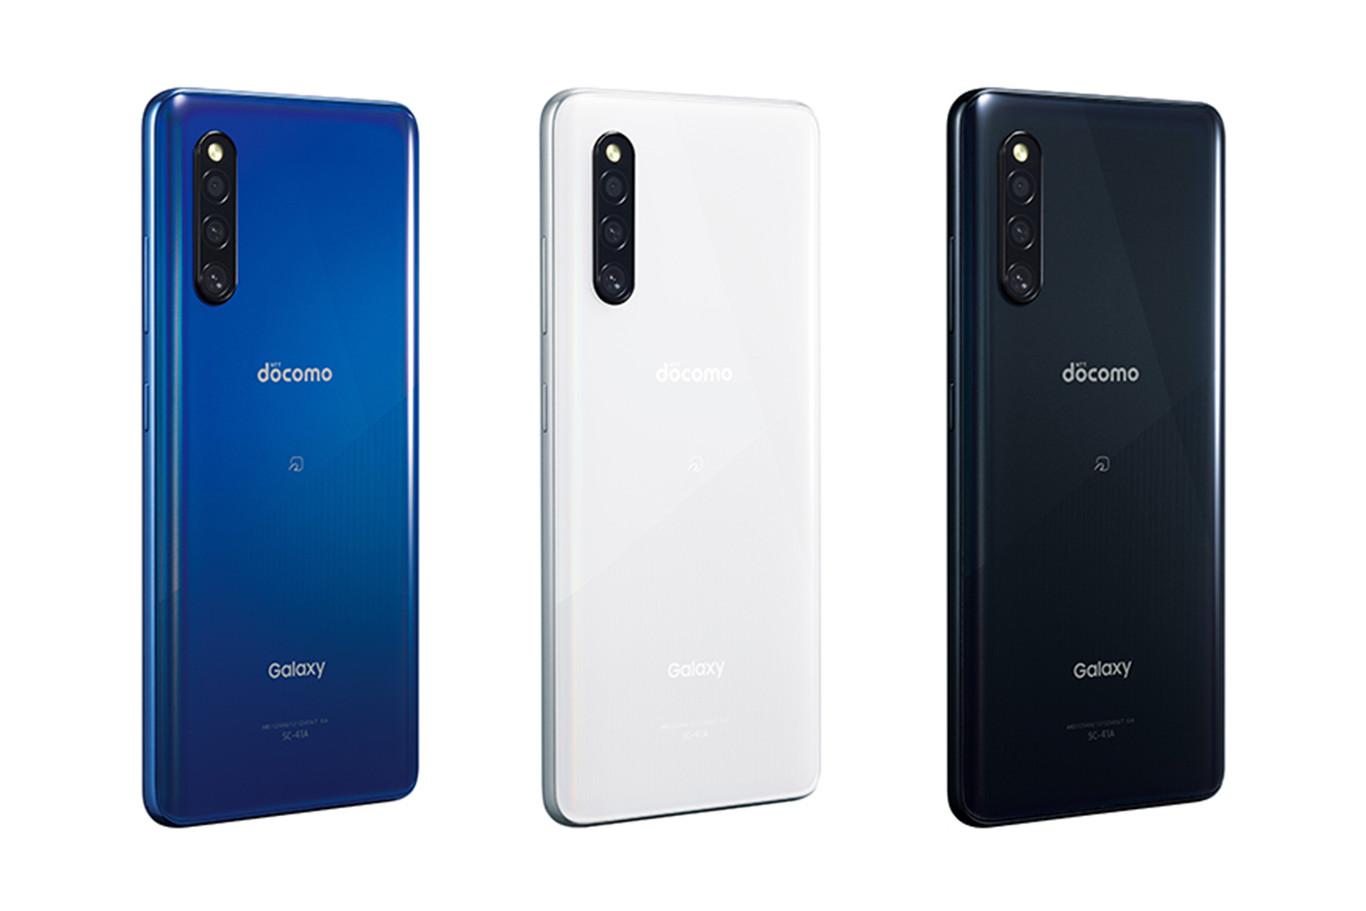 Nuevo Samsung Galaxy A41, características, precio y ficha técnica